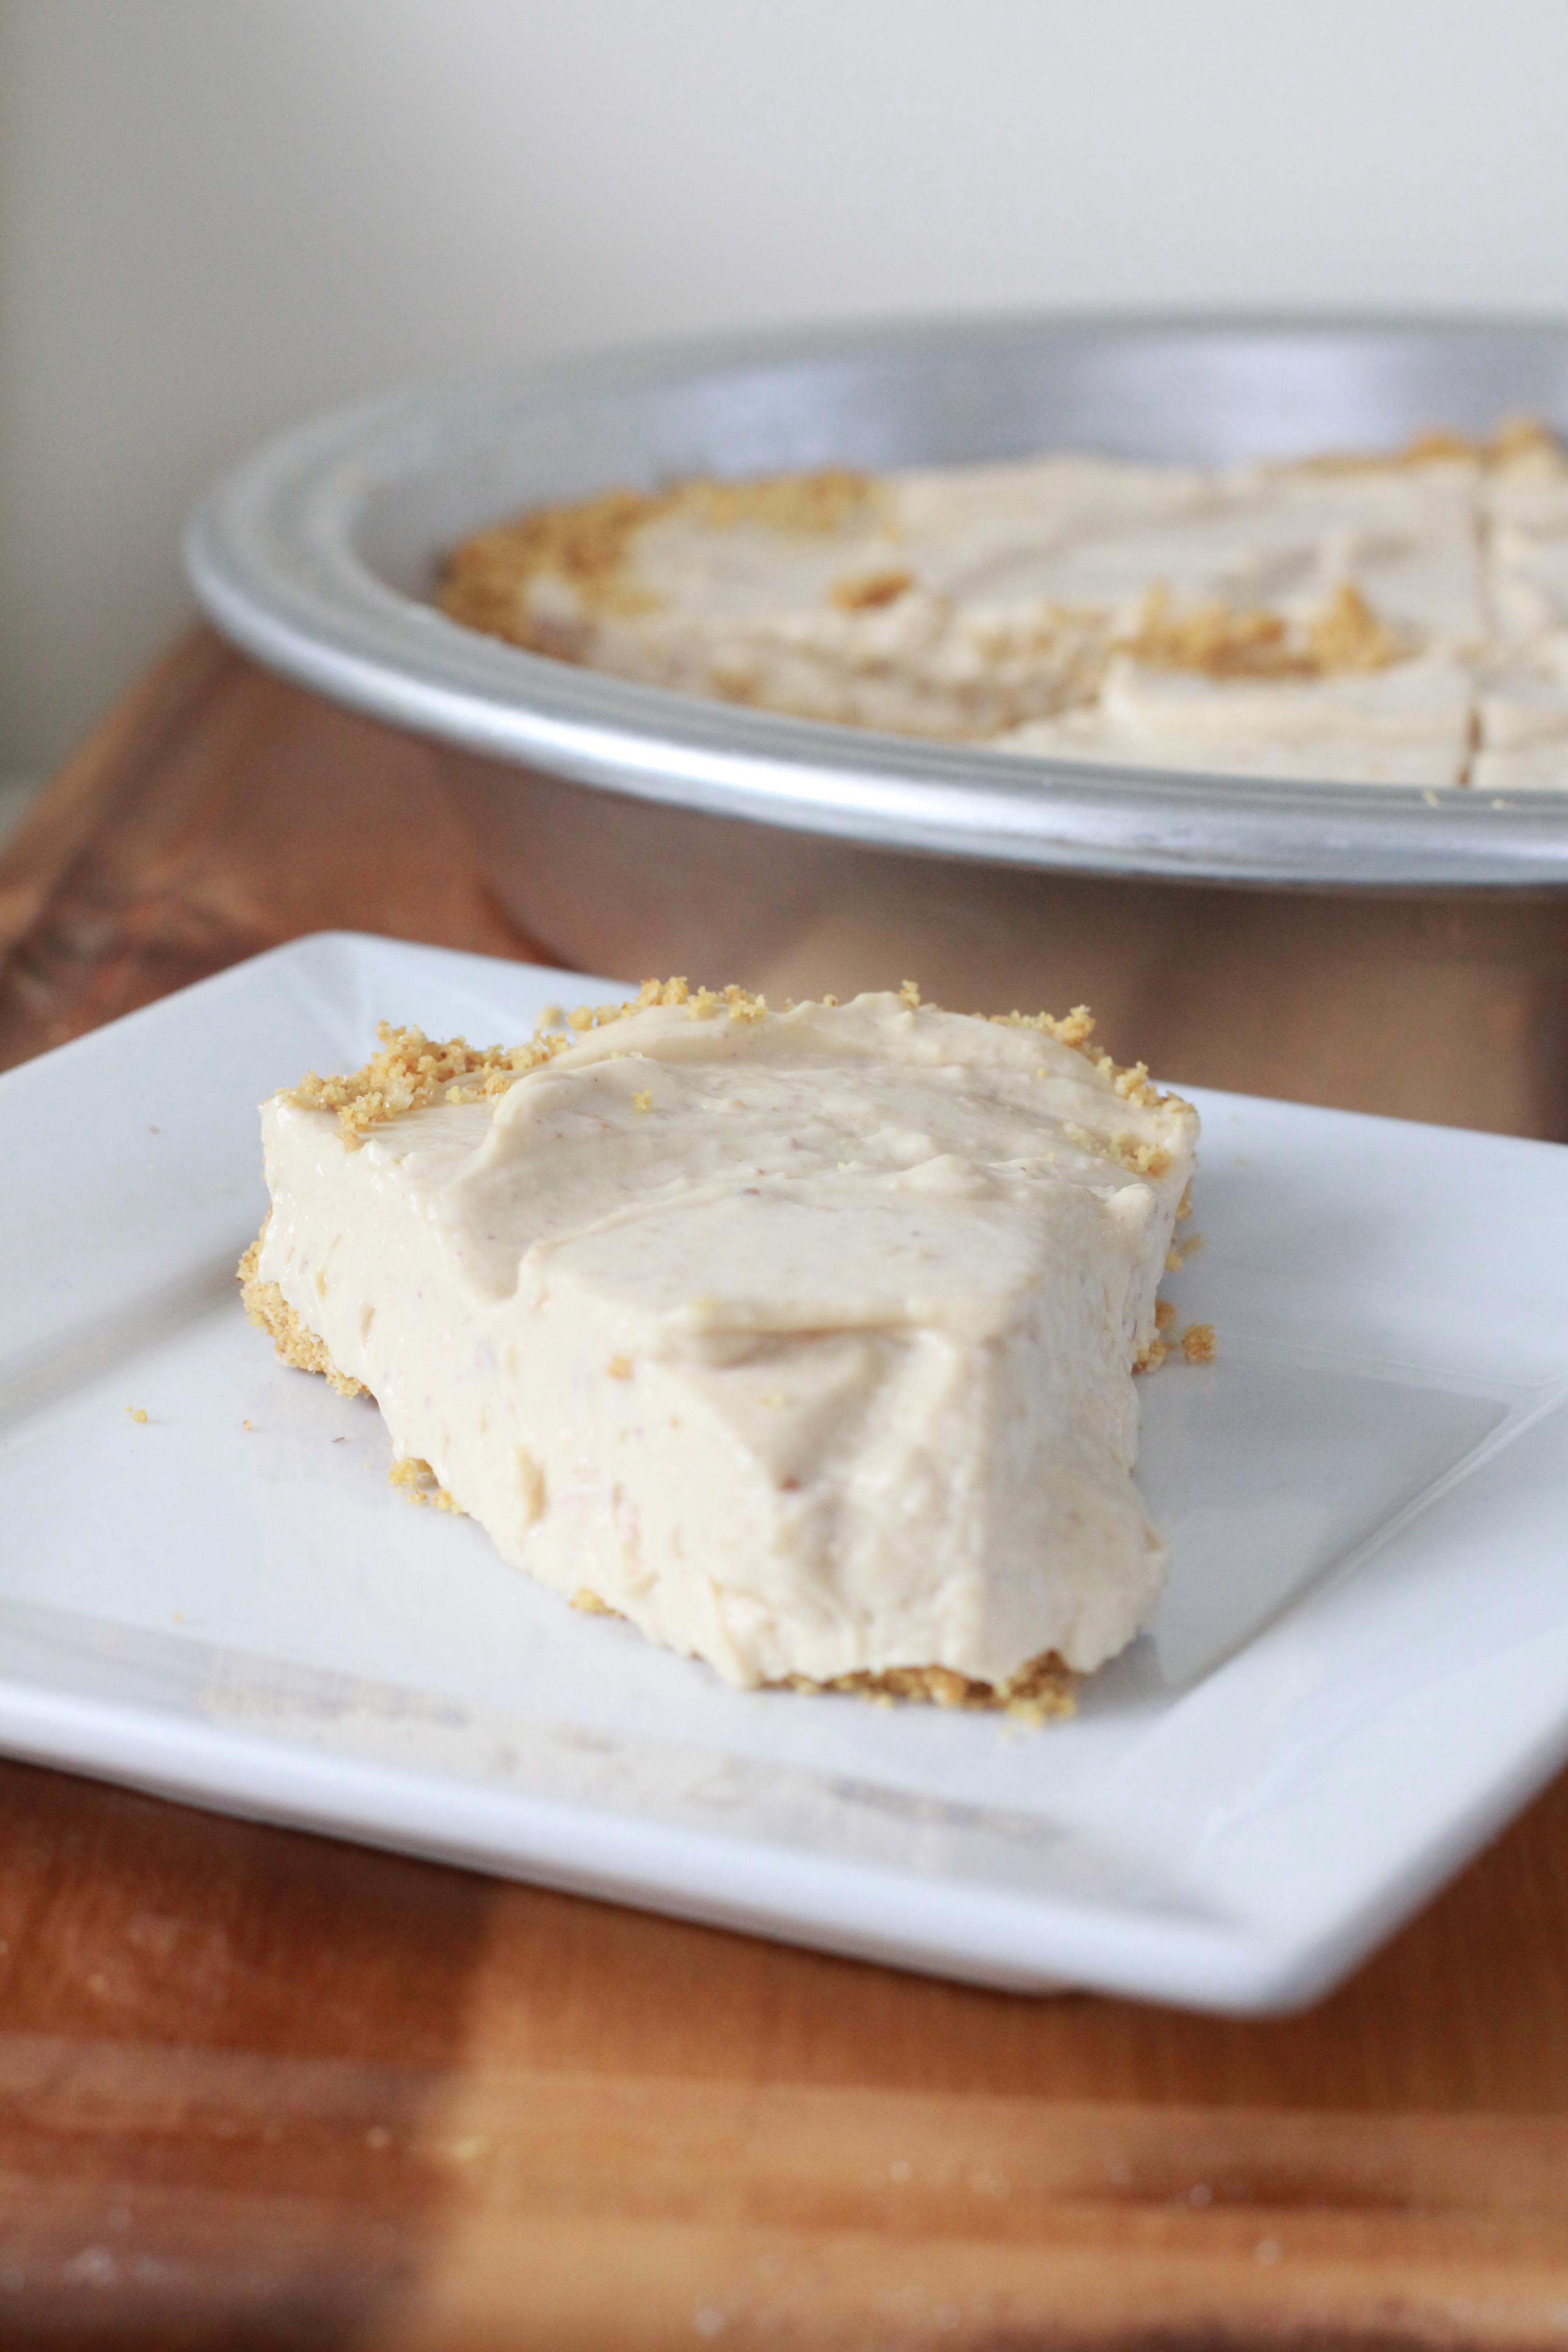 Healthy Peanut Butter Pie  Healthier Peanut Butter Pie 175 calories per slice